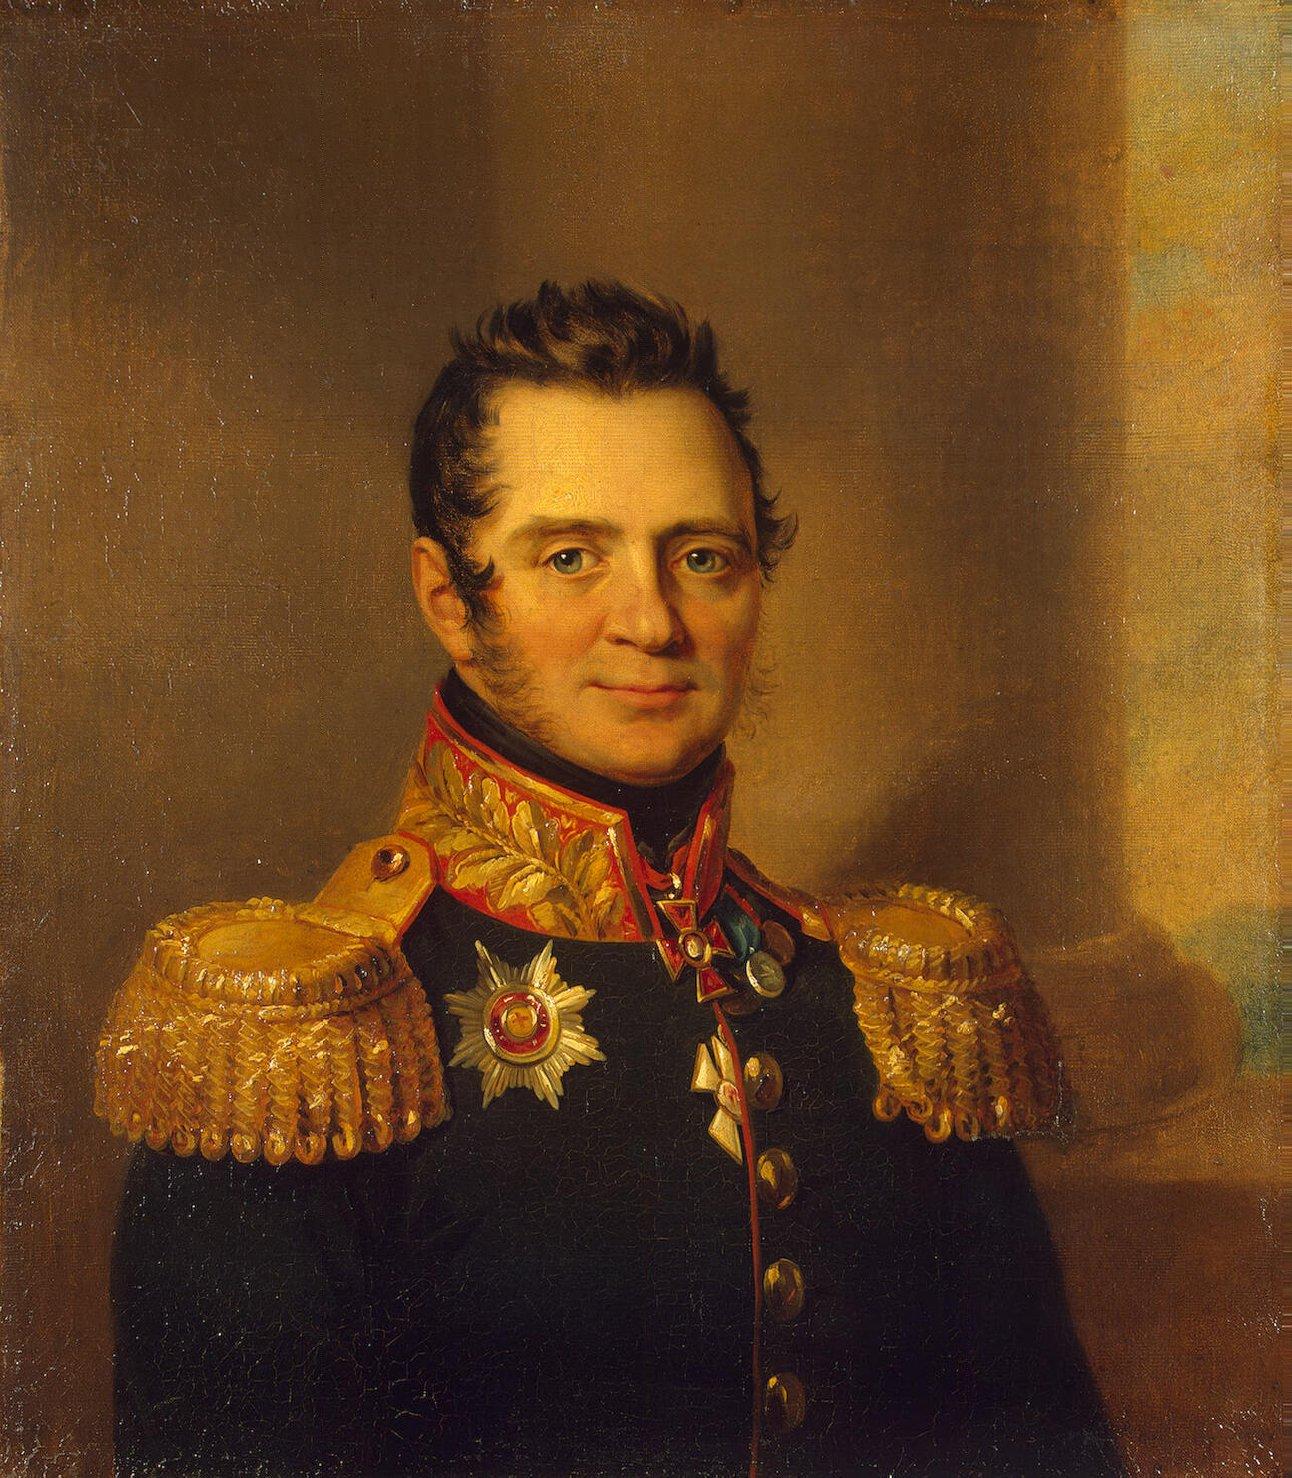 Урусов, Александр Петрович